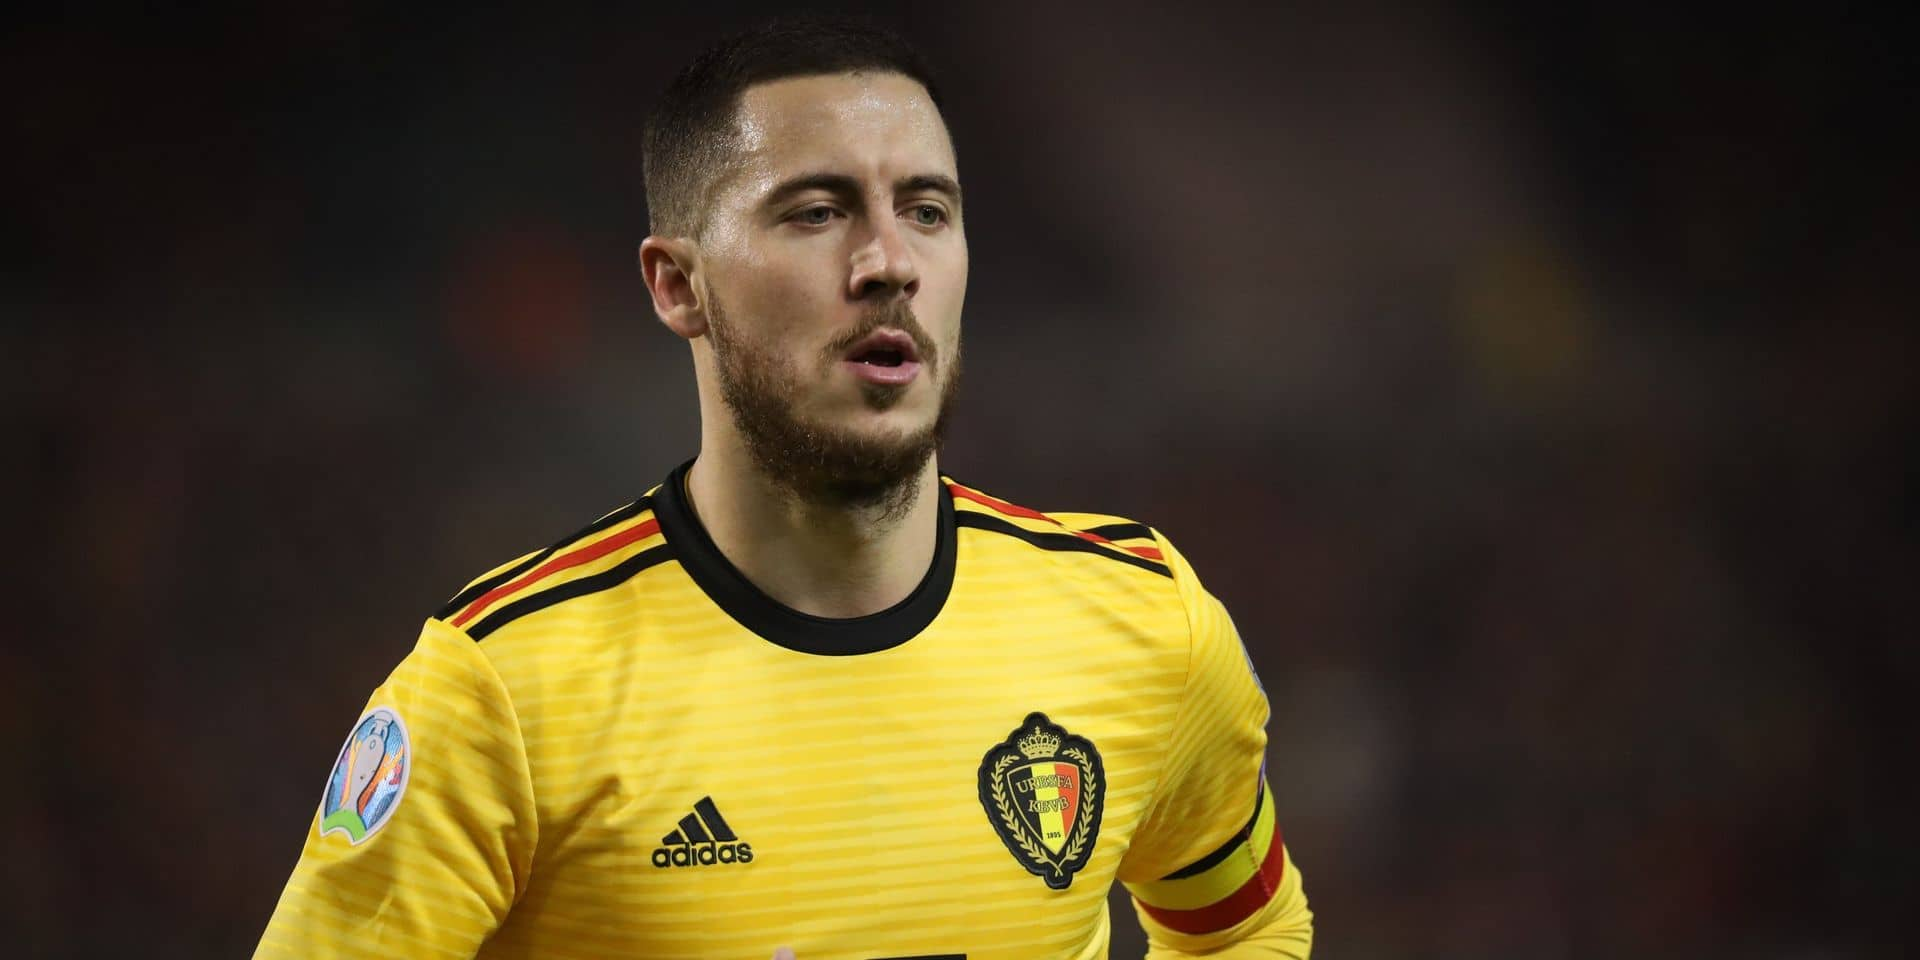 """Eden Hazard: """"J'aurais manqué de rythme à l'Euro mais j'aurais été prêt, la qualité ne se perd pas"""""""